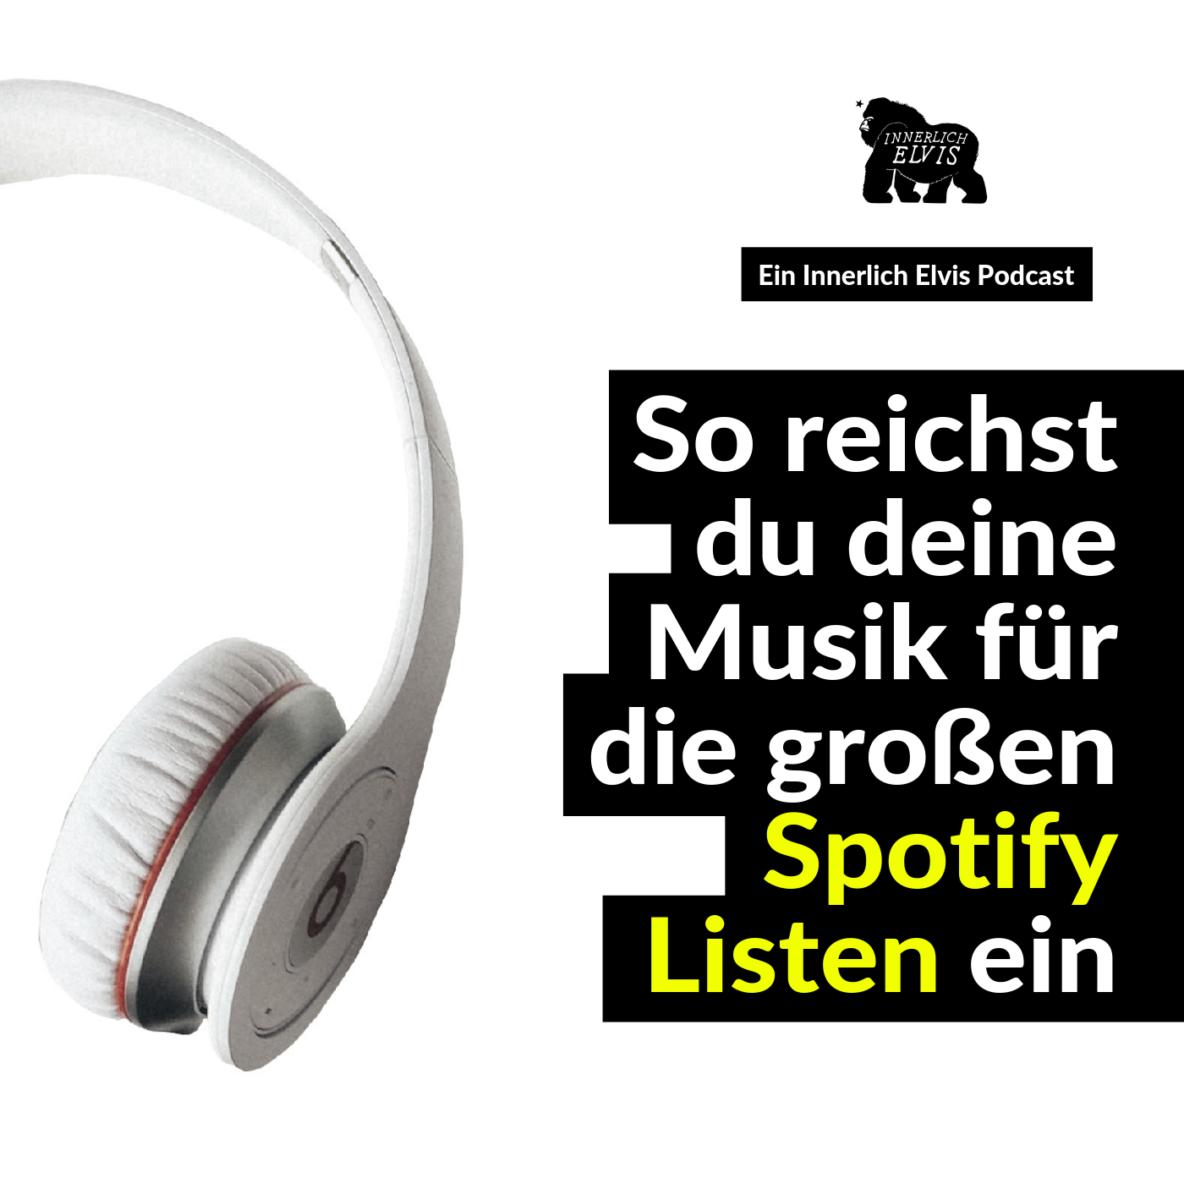 So reichst du deine Musik für die großen Spotify Listen ein